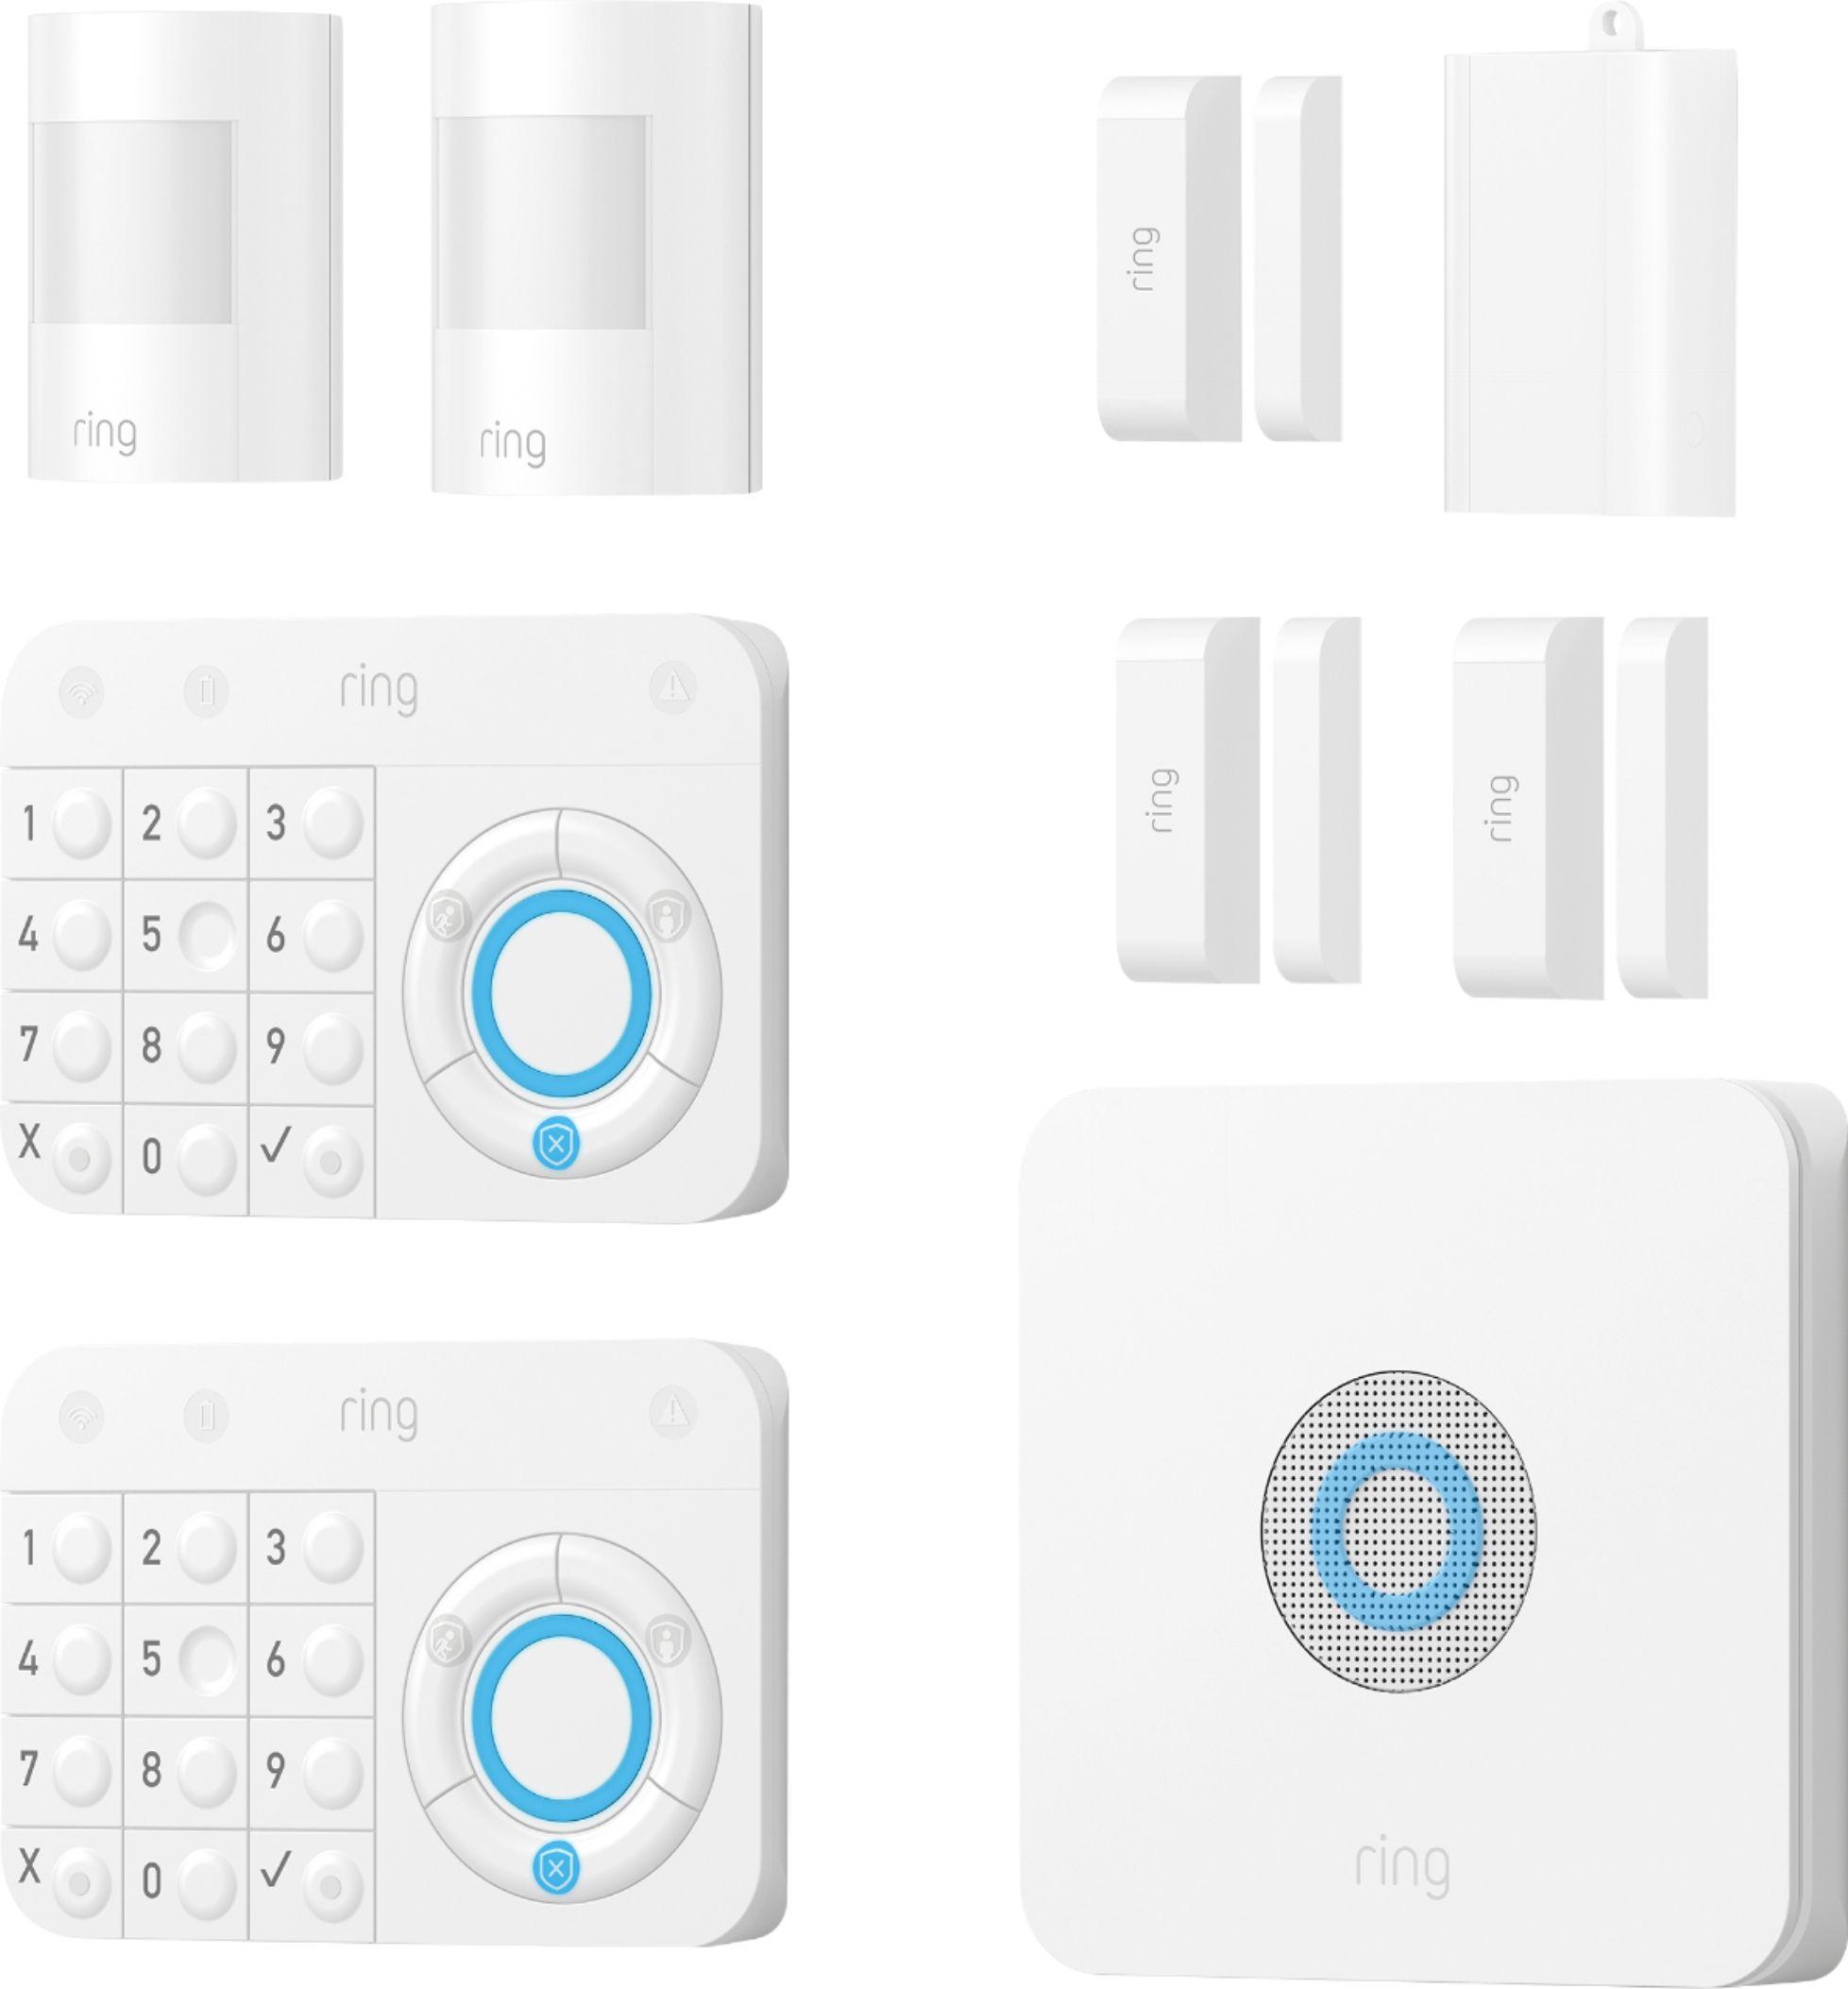 Ring Alarm Starter Home Security Kit White Best Buy $249.99